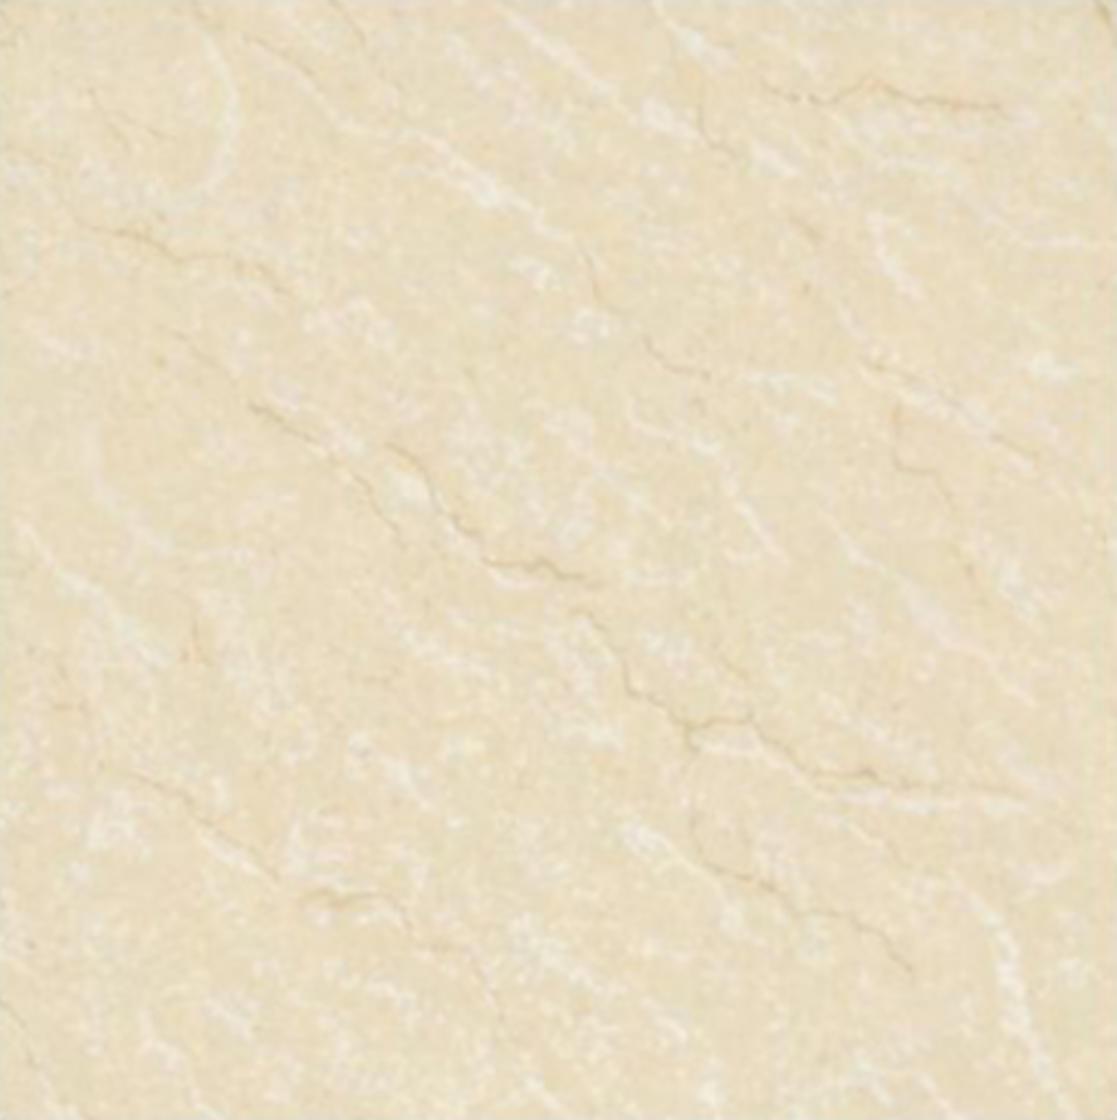 Piastrella da pavimento Madras 60 x 60 cm sp. 8.9 mm PEI 3/5 beige - 6